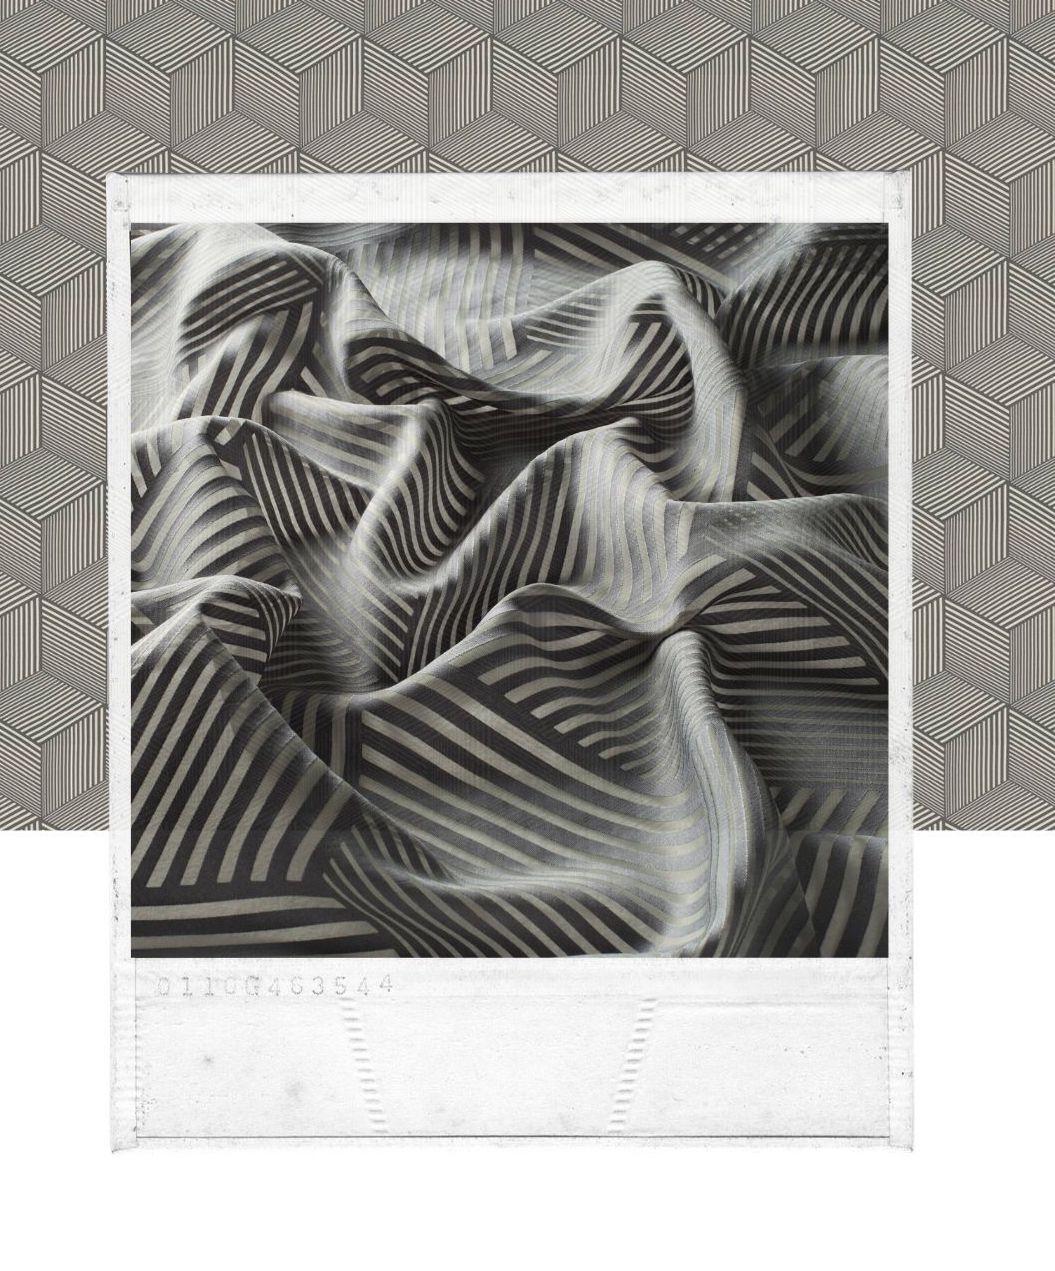 Heute-mo-chten-wir-euch-unseren-Fla-chenvorhang-Cubes-vorstellen-in-den-Farben-weiss-und-taupe-erha-ltlich-Mehr-in-unserem-Onlineshop-Euer-Design-Team-Lisa-Peter-4Bp3jQNQjzHgF8